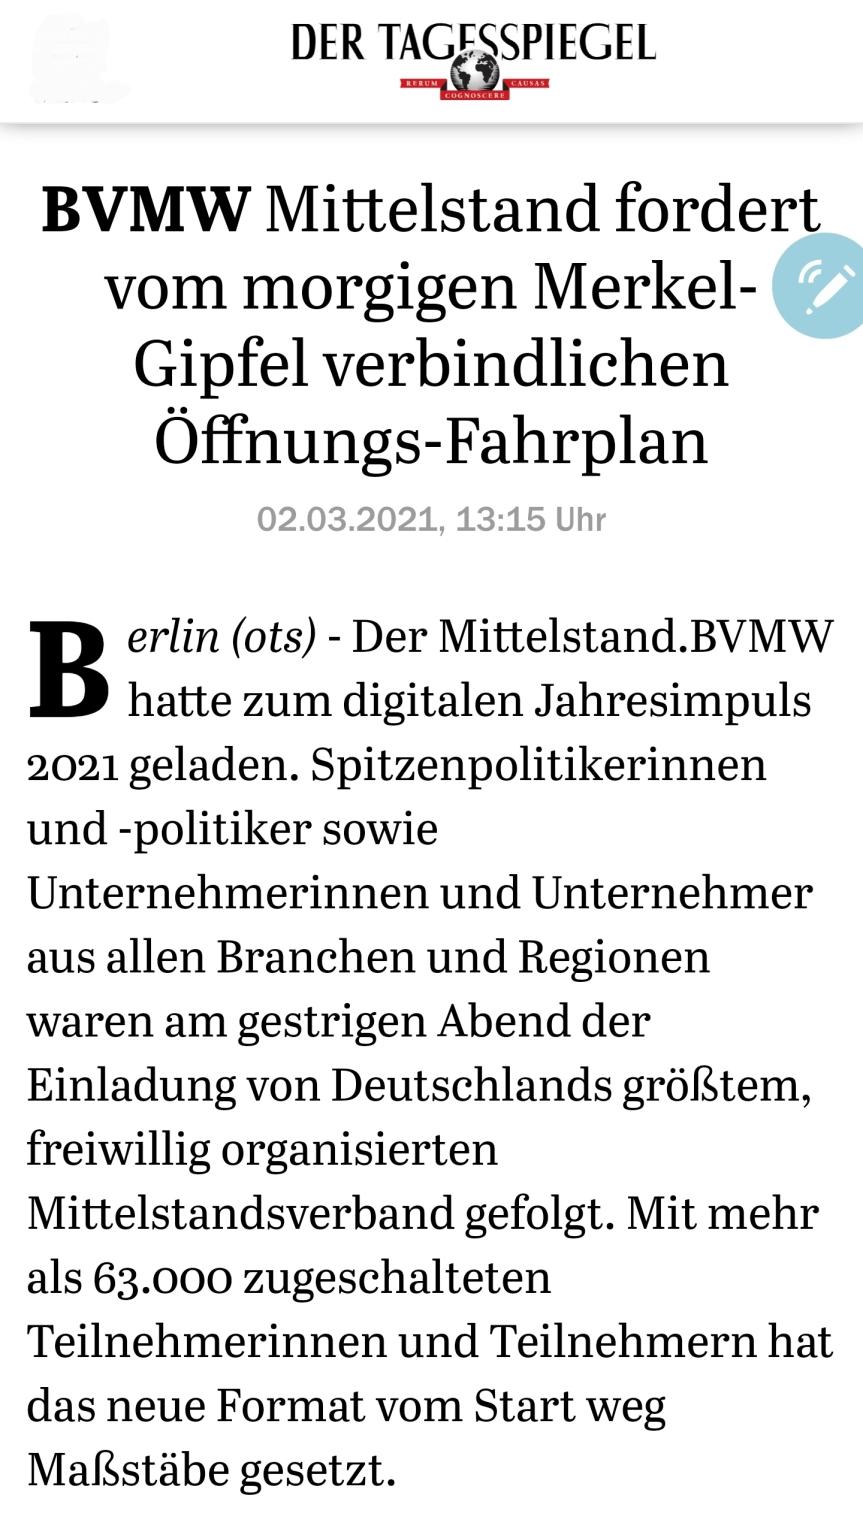 BVMW Mittelstand fordert vom morgigen Merkel-Gipfel verbindlichen Öffnungs-Fahrplan